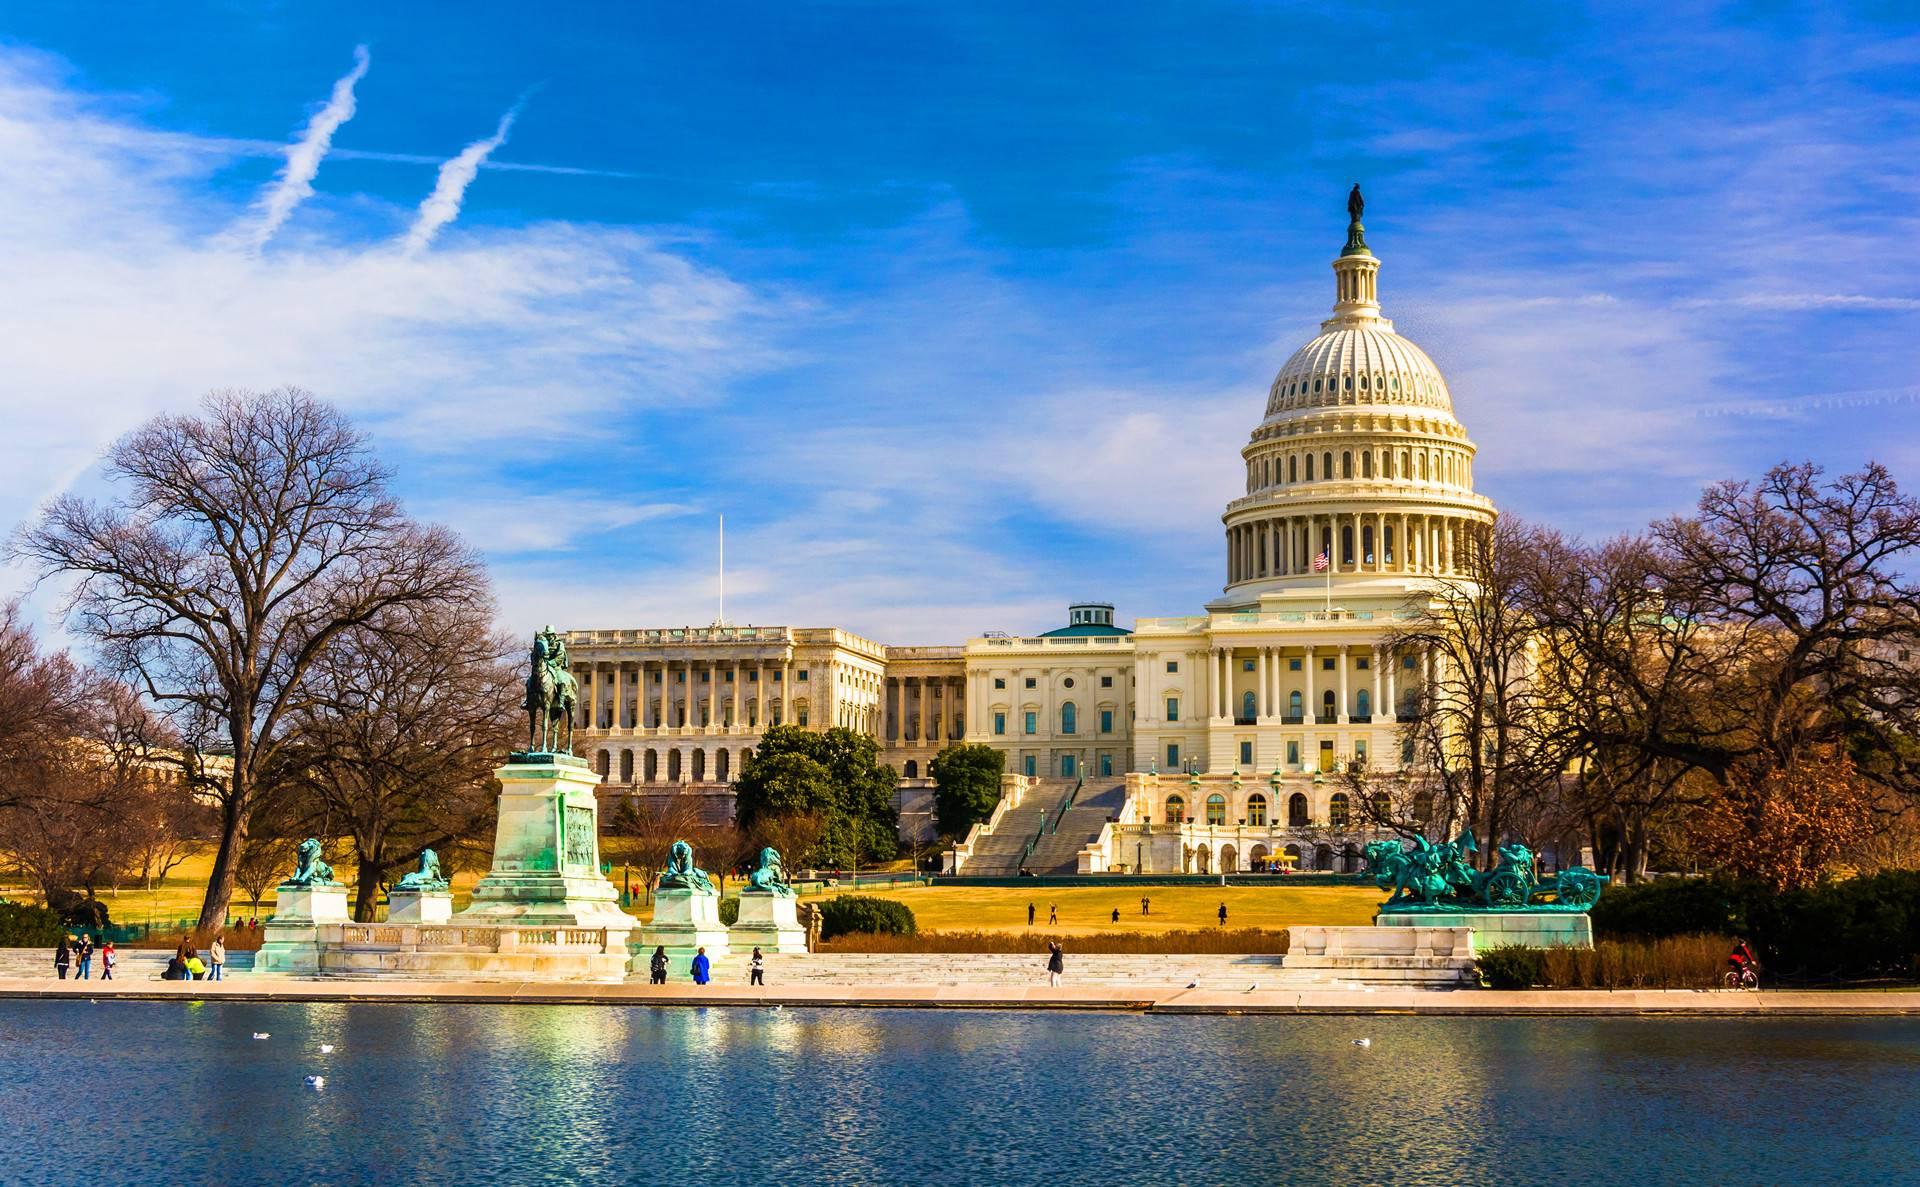 4-Day New York, Philadelphia & Lancaster Tour from Washington DC